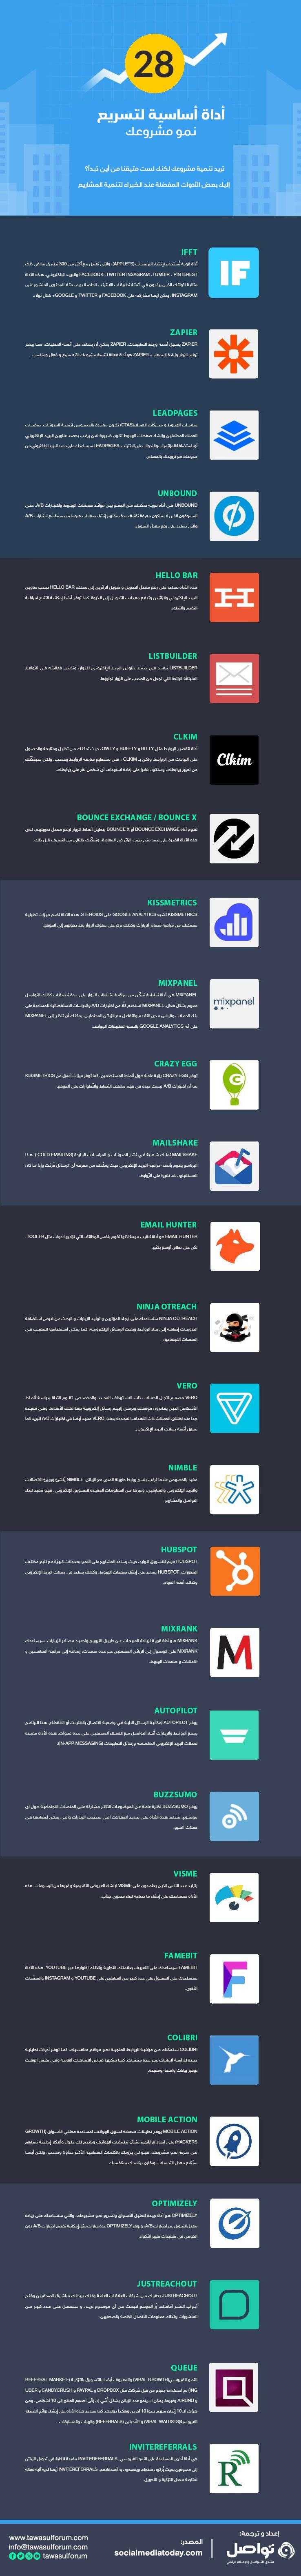 أدوات تسريع نمو مشروعك - منتدى تواصل الرقمي